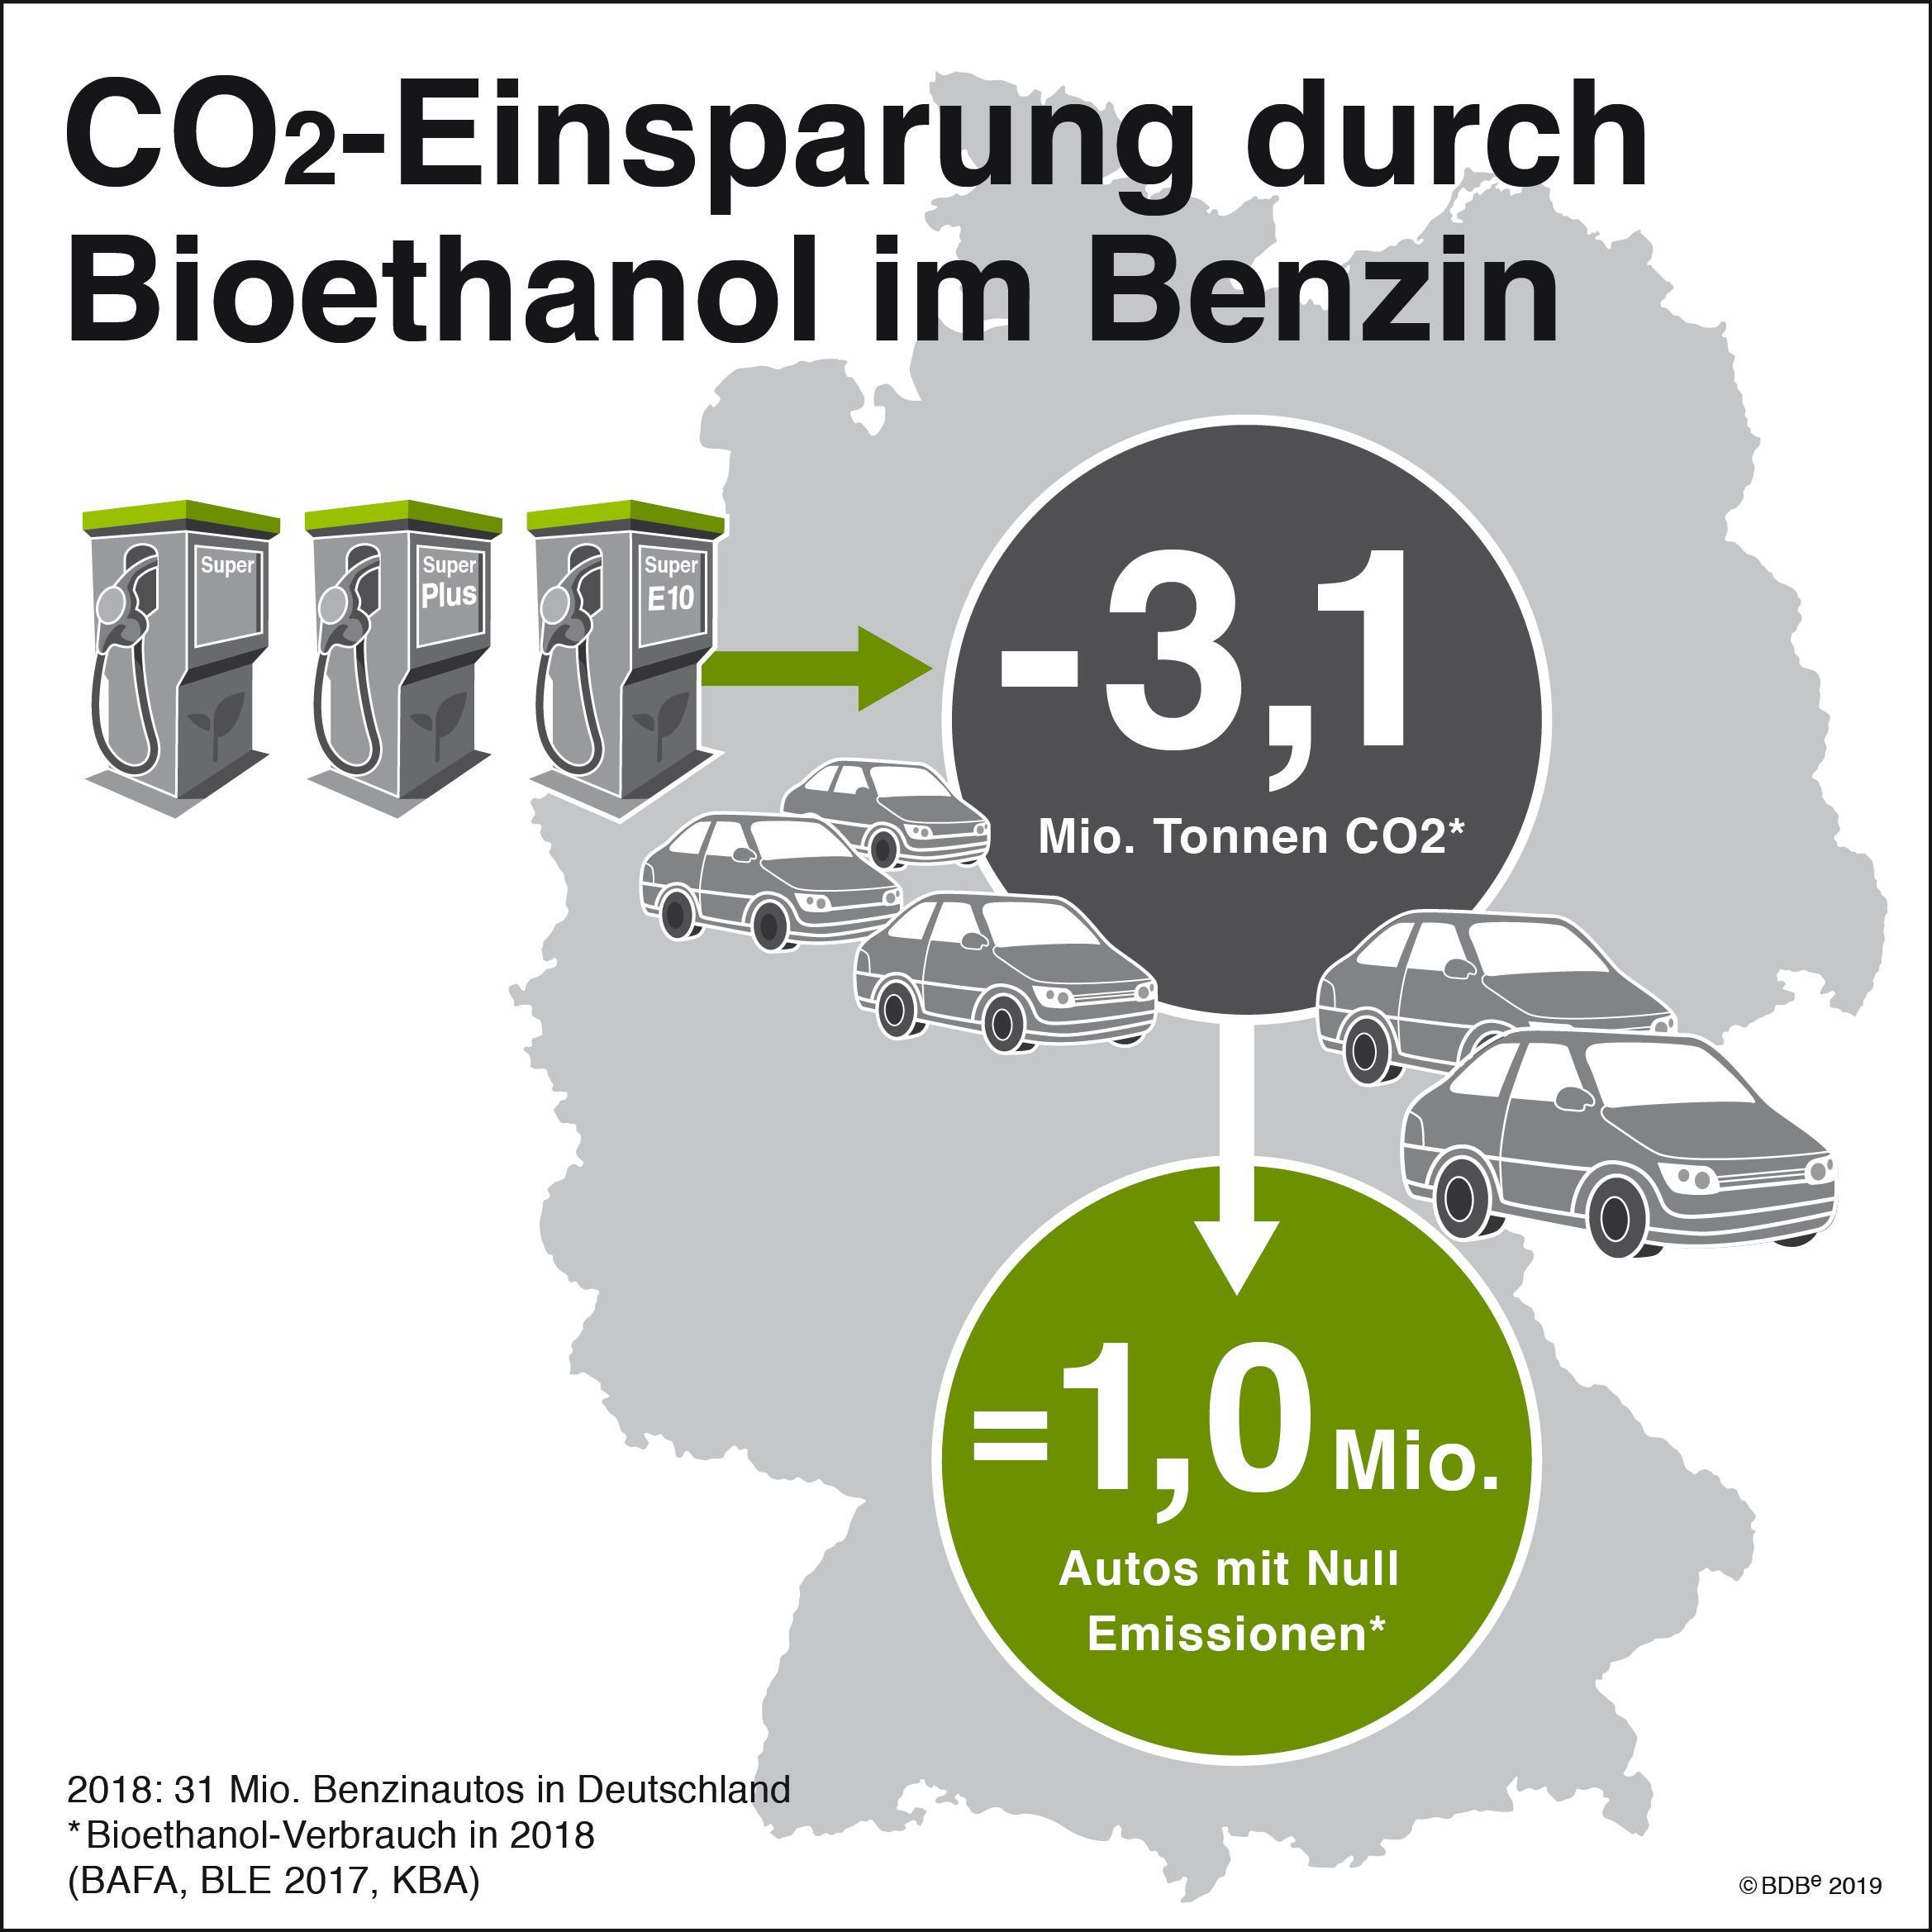 Biokraftstoffe: der Preisunterschied wird wachsen